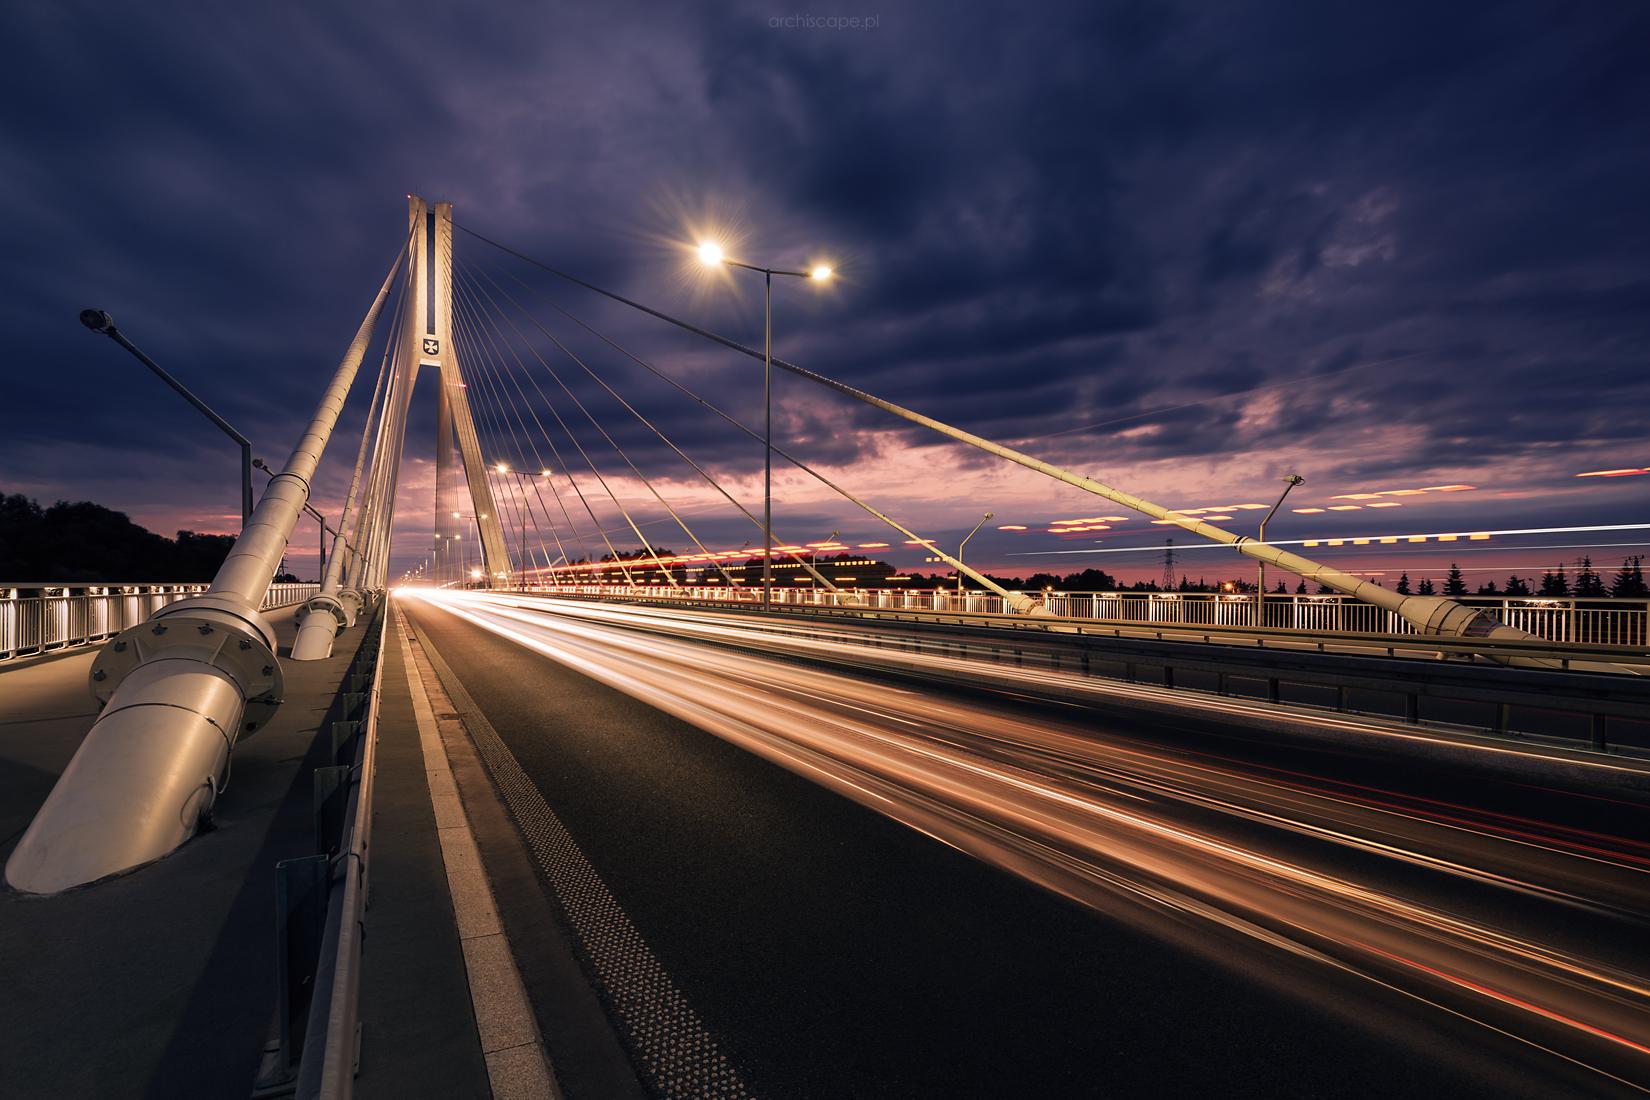 Bridge of T. Mazowiecki in Rzeszów, Poland